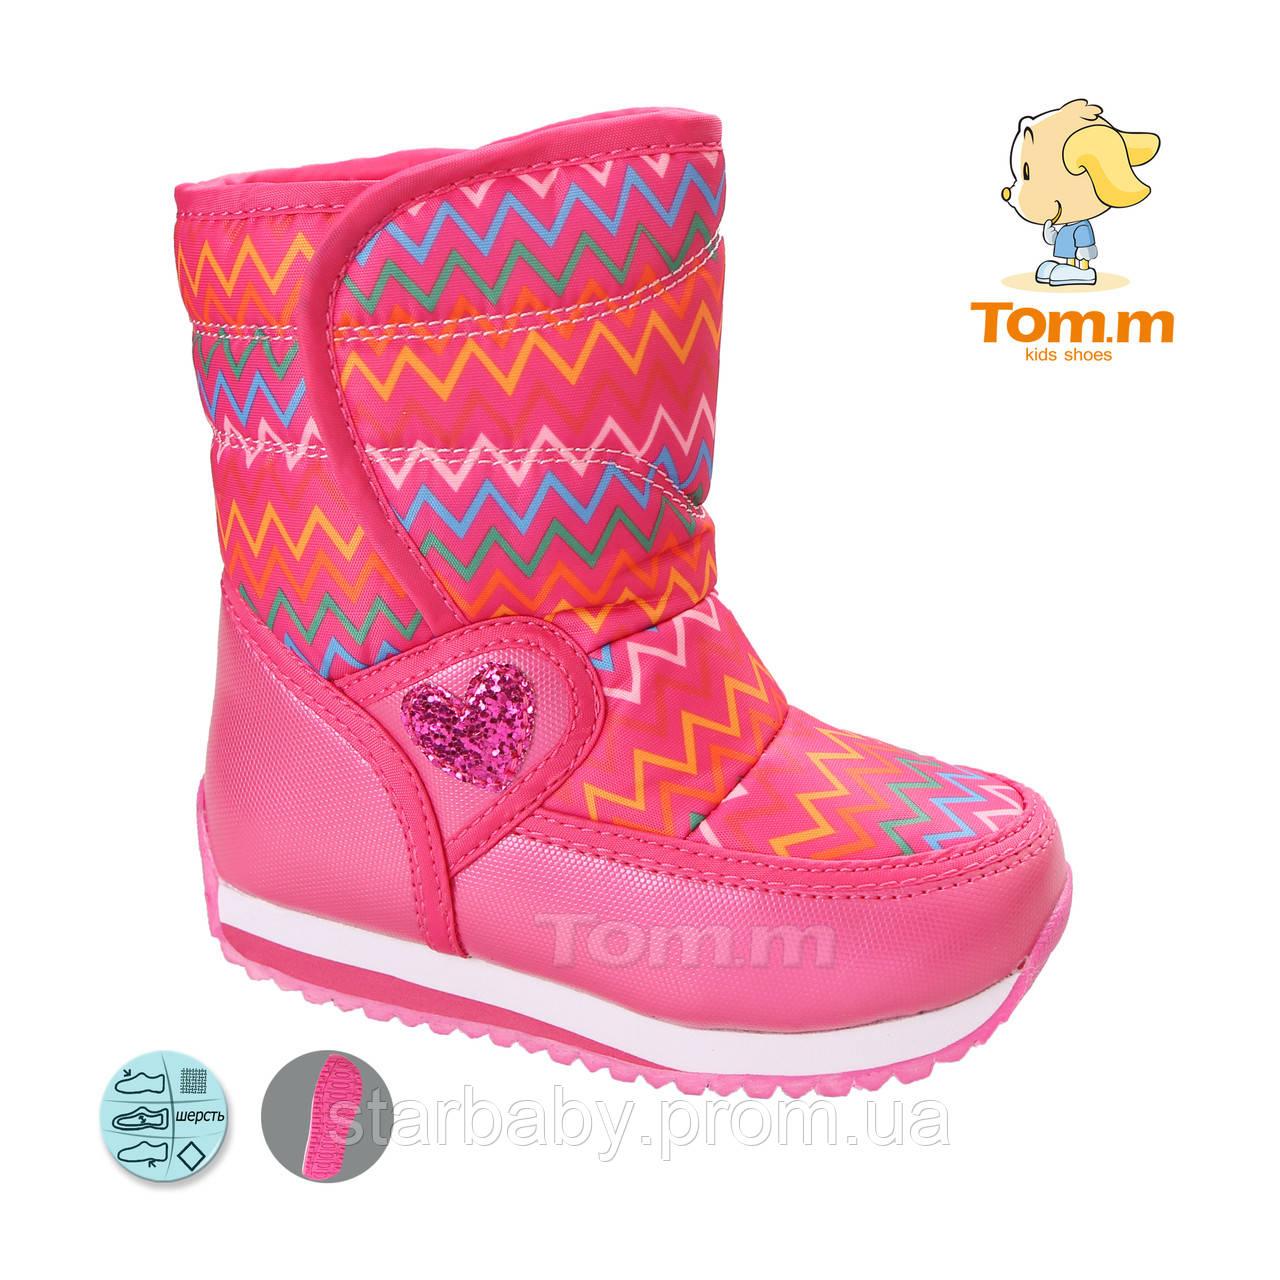 aa9fd28ca Дутики водонепроницаемая обувь для девочек средние размеры 27-32 оптом